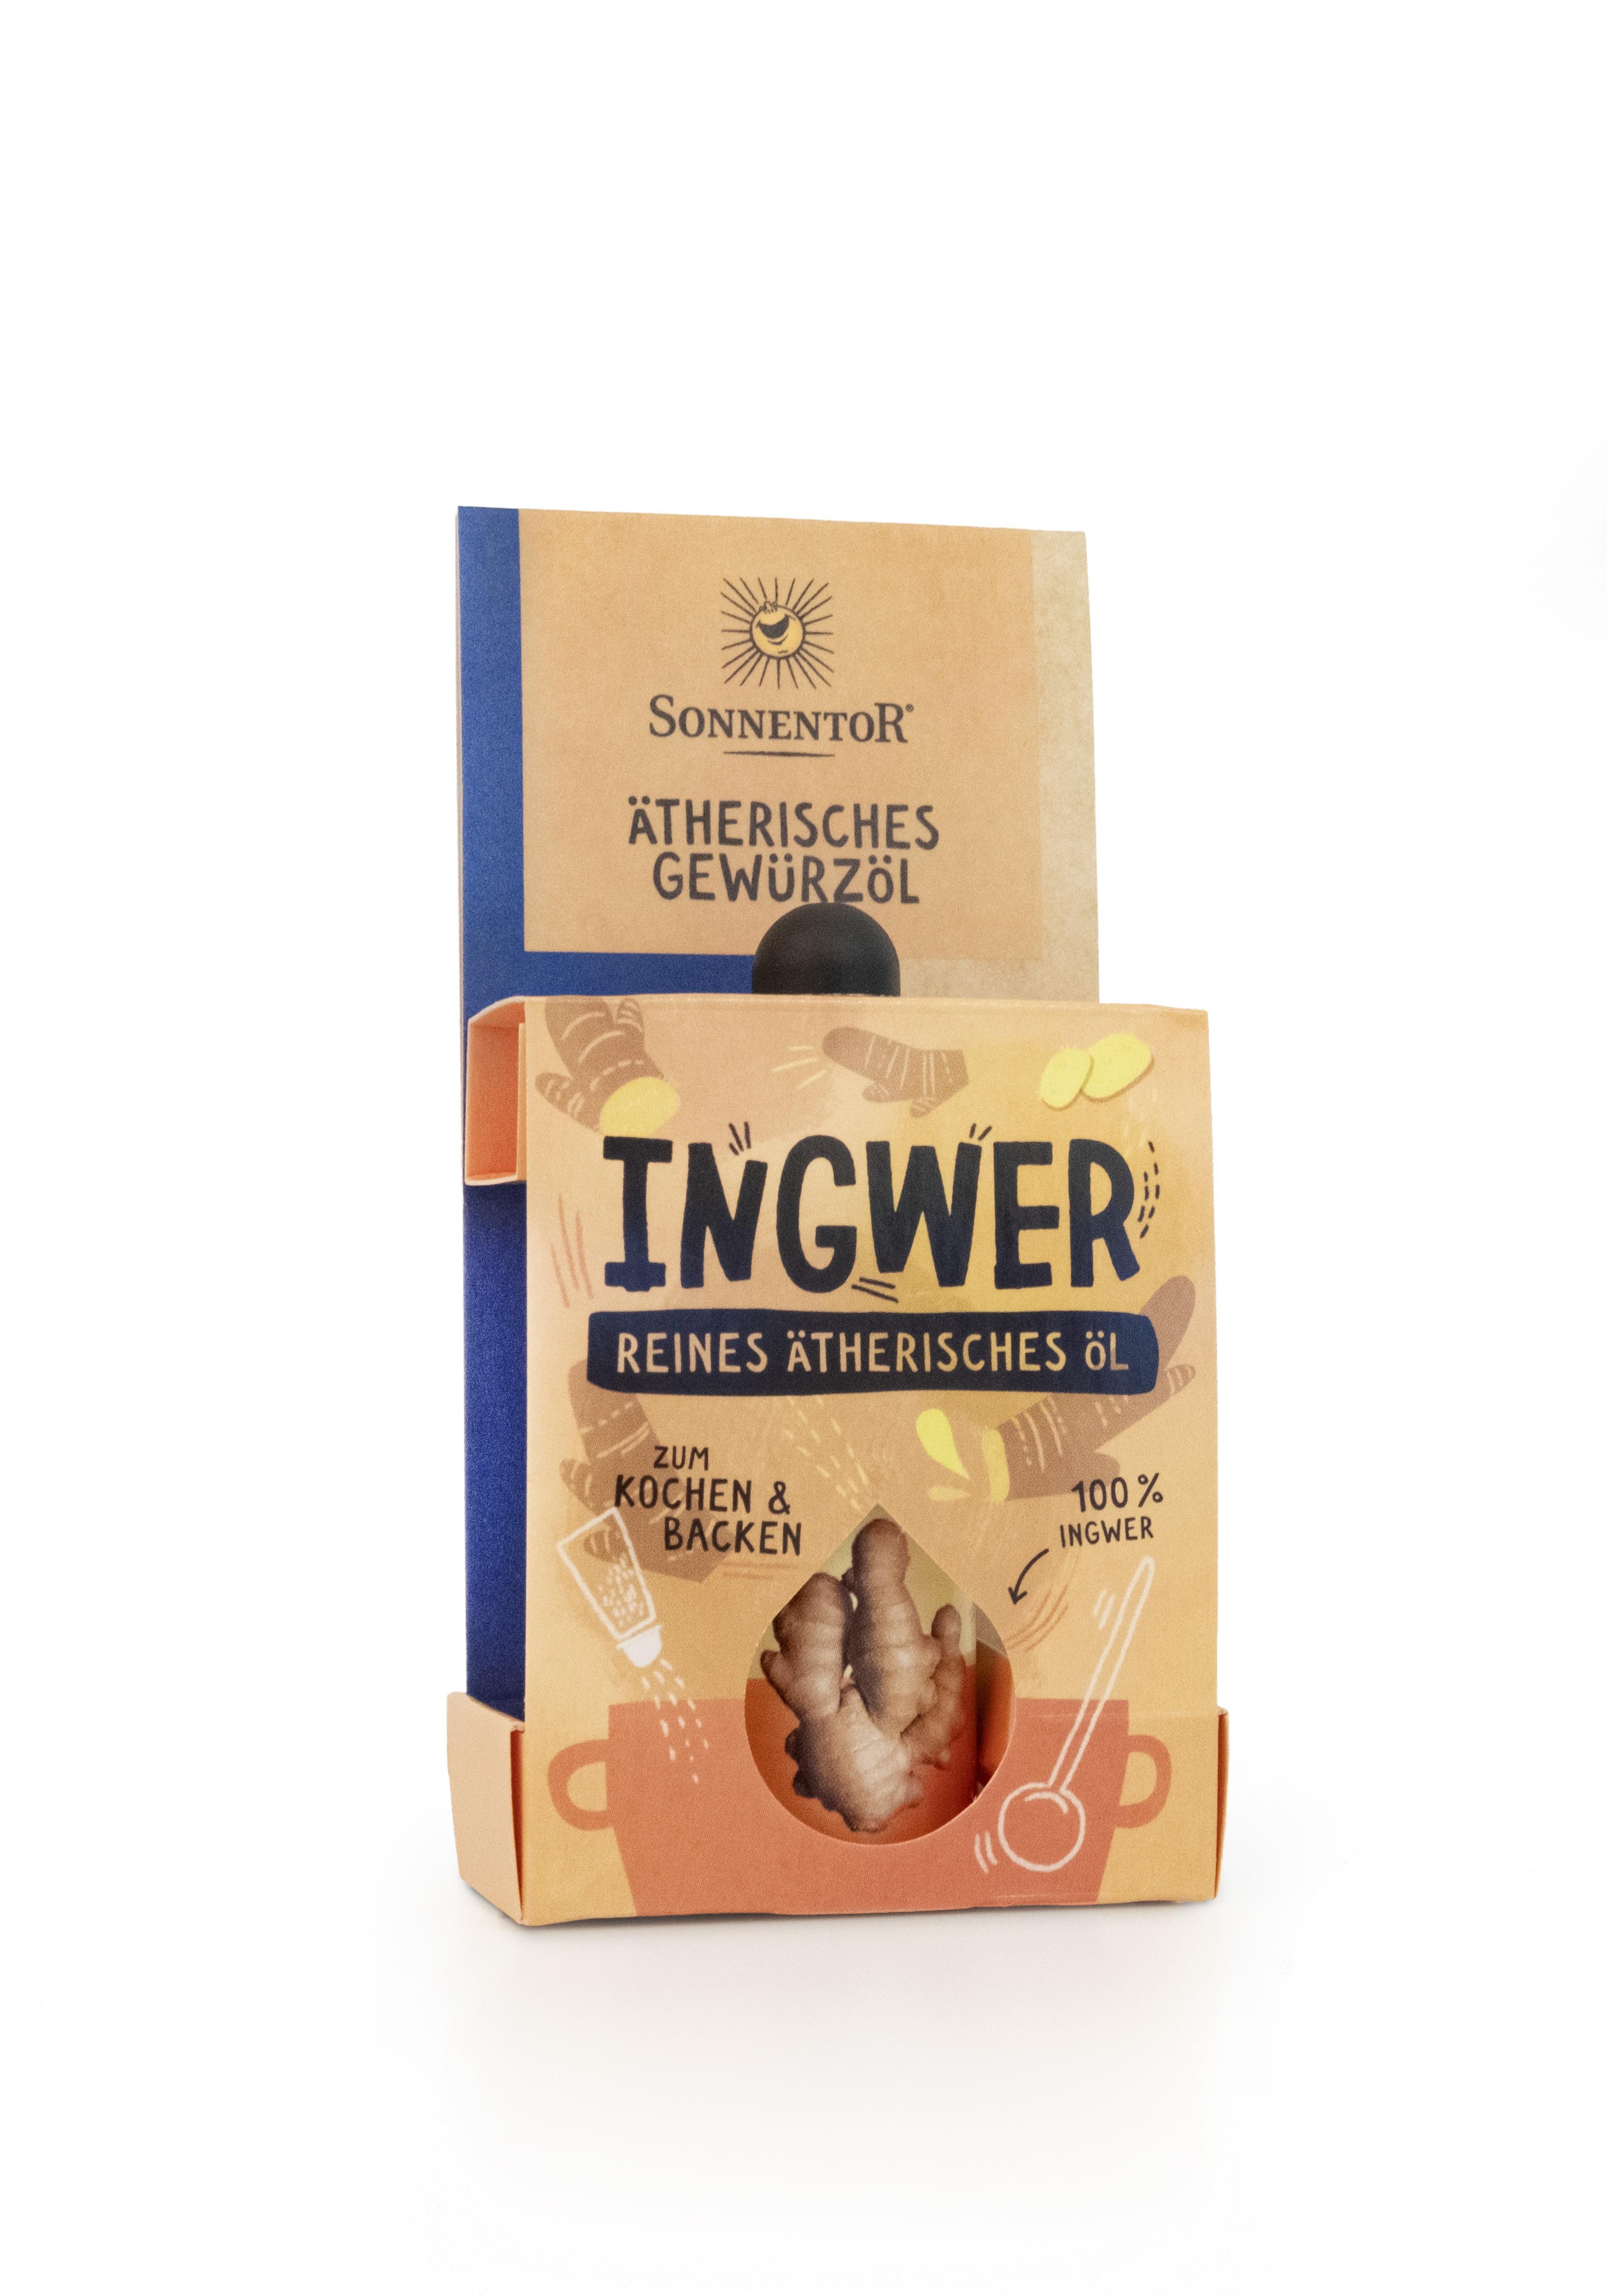 Ingwer ätherisches Gewürzöl 4,5ml bio